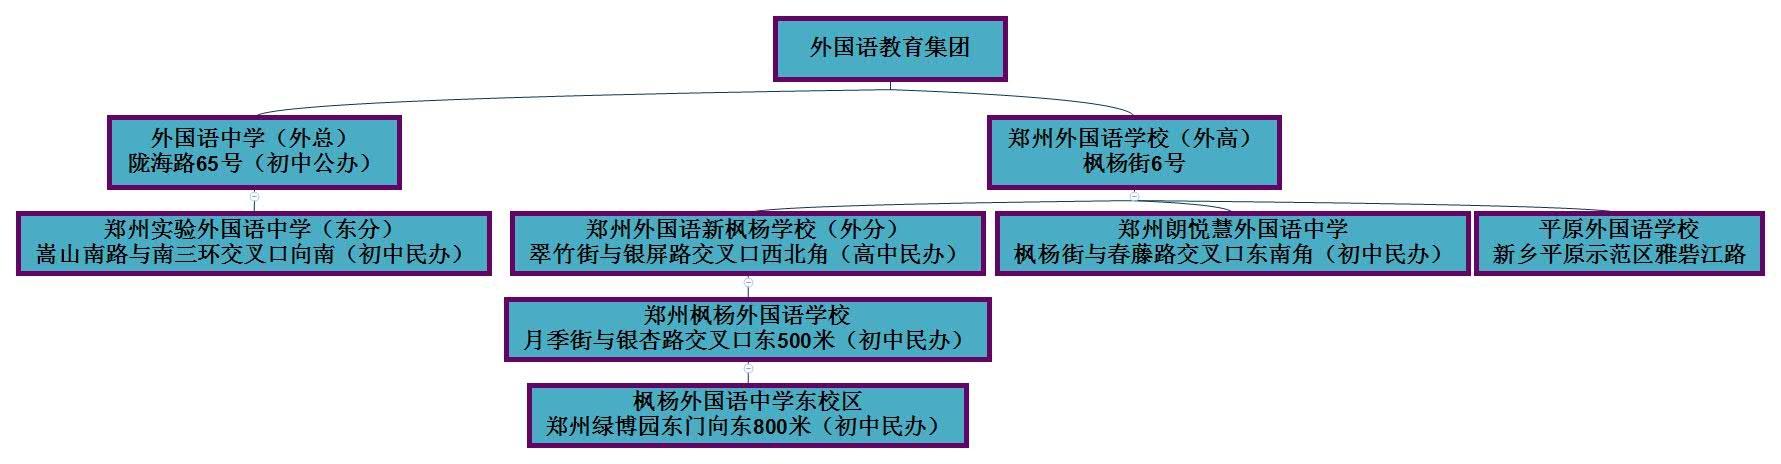 外国语教育集团.jpg